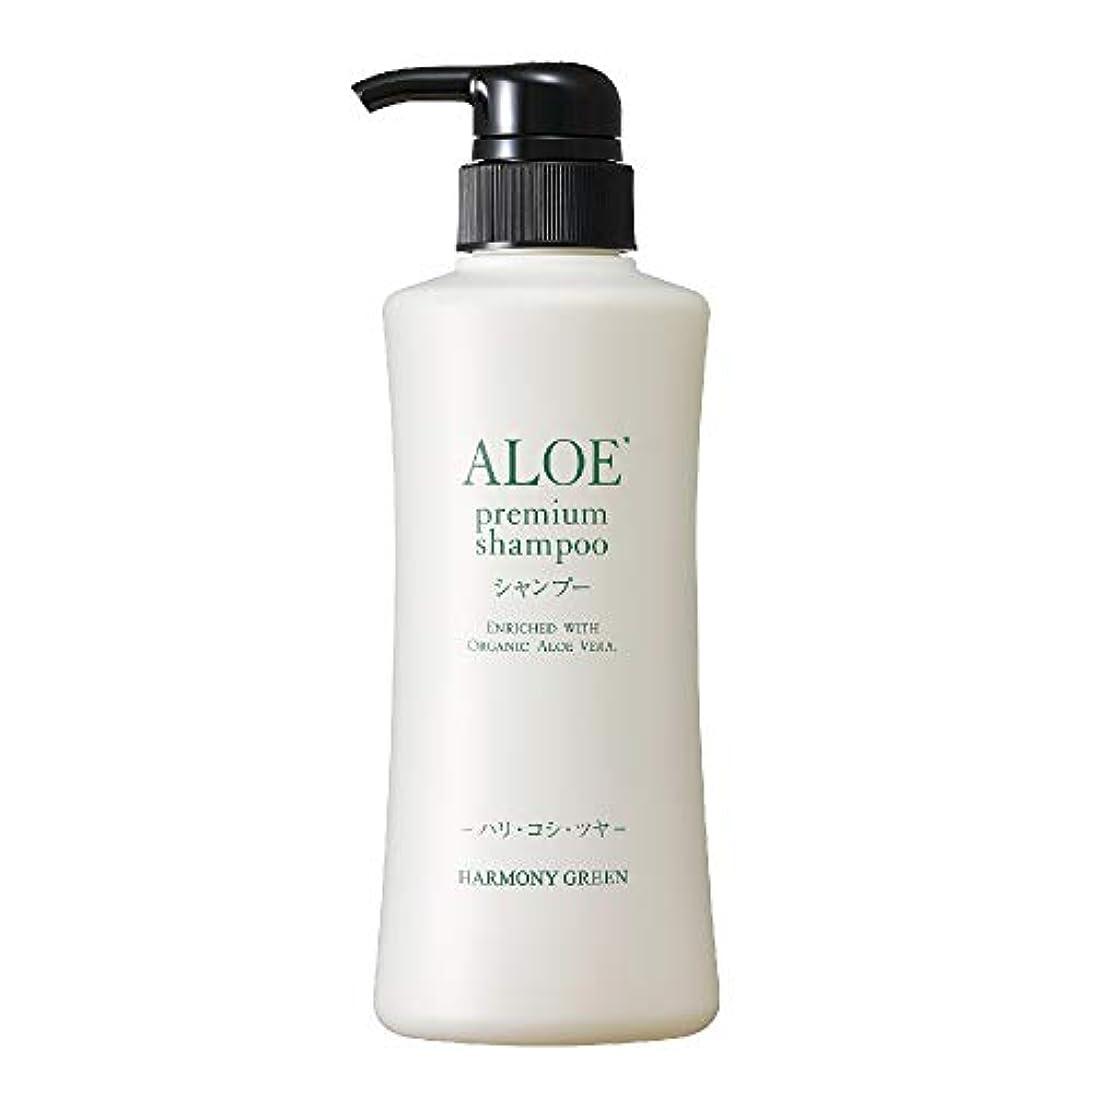 子羊ブランド名動かないアロエプレミアム シャンプー〈頭髪用洗浄料〉